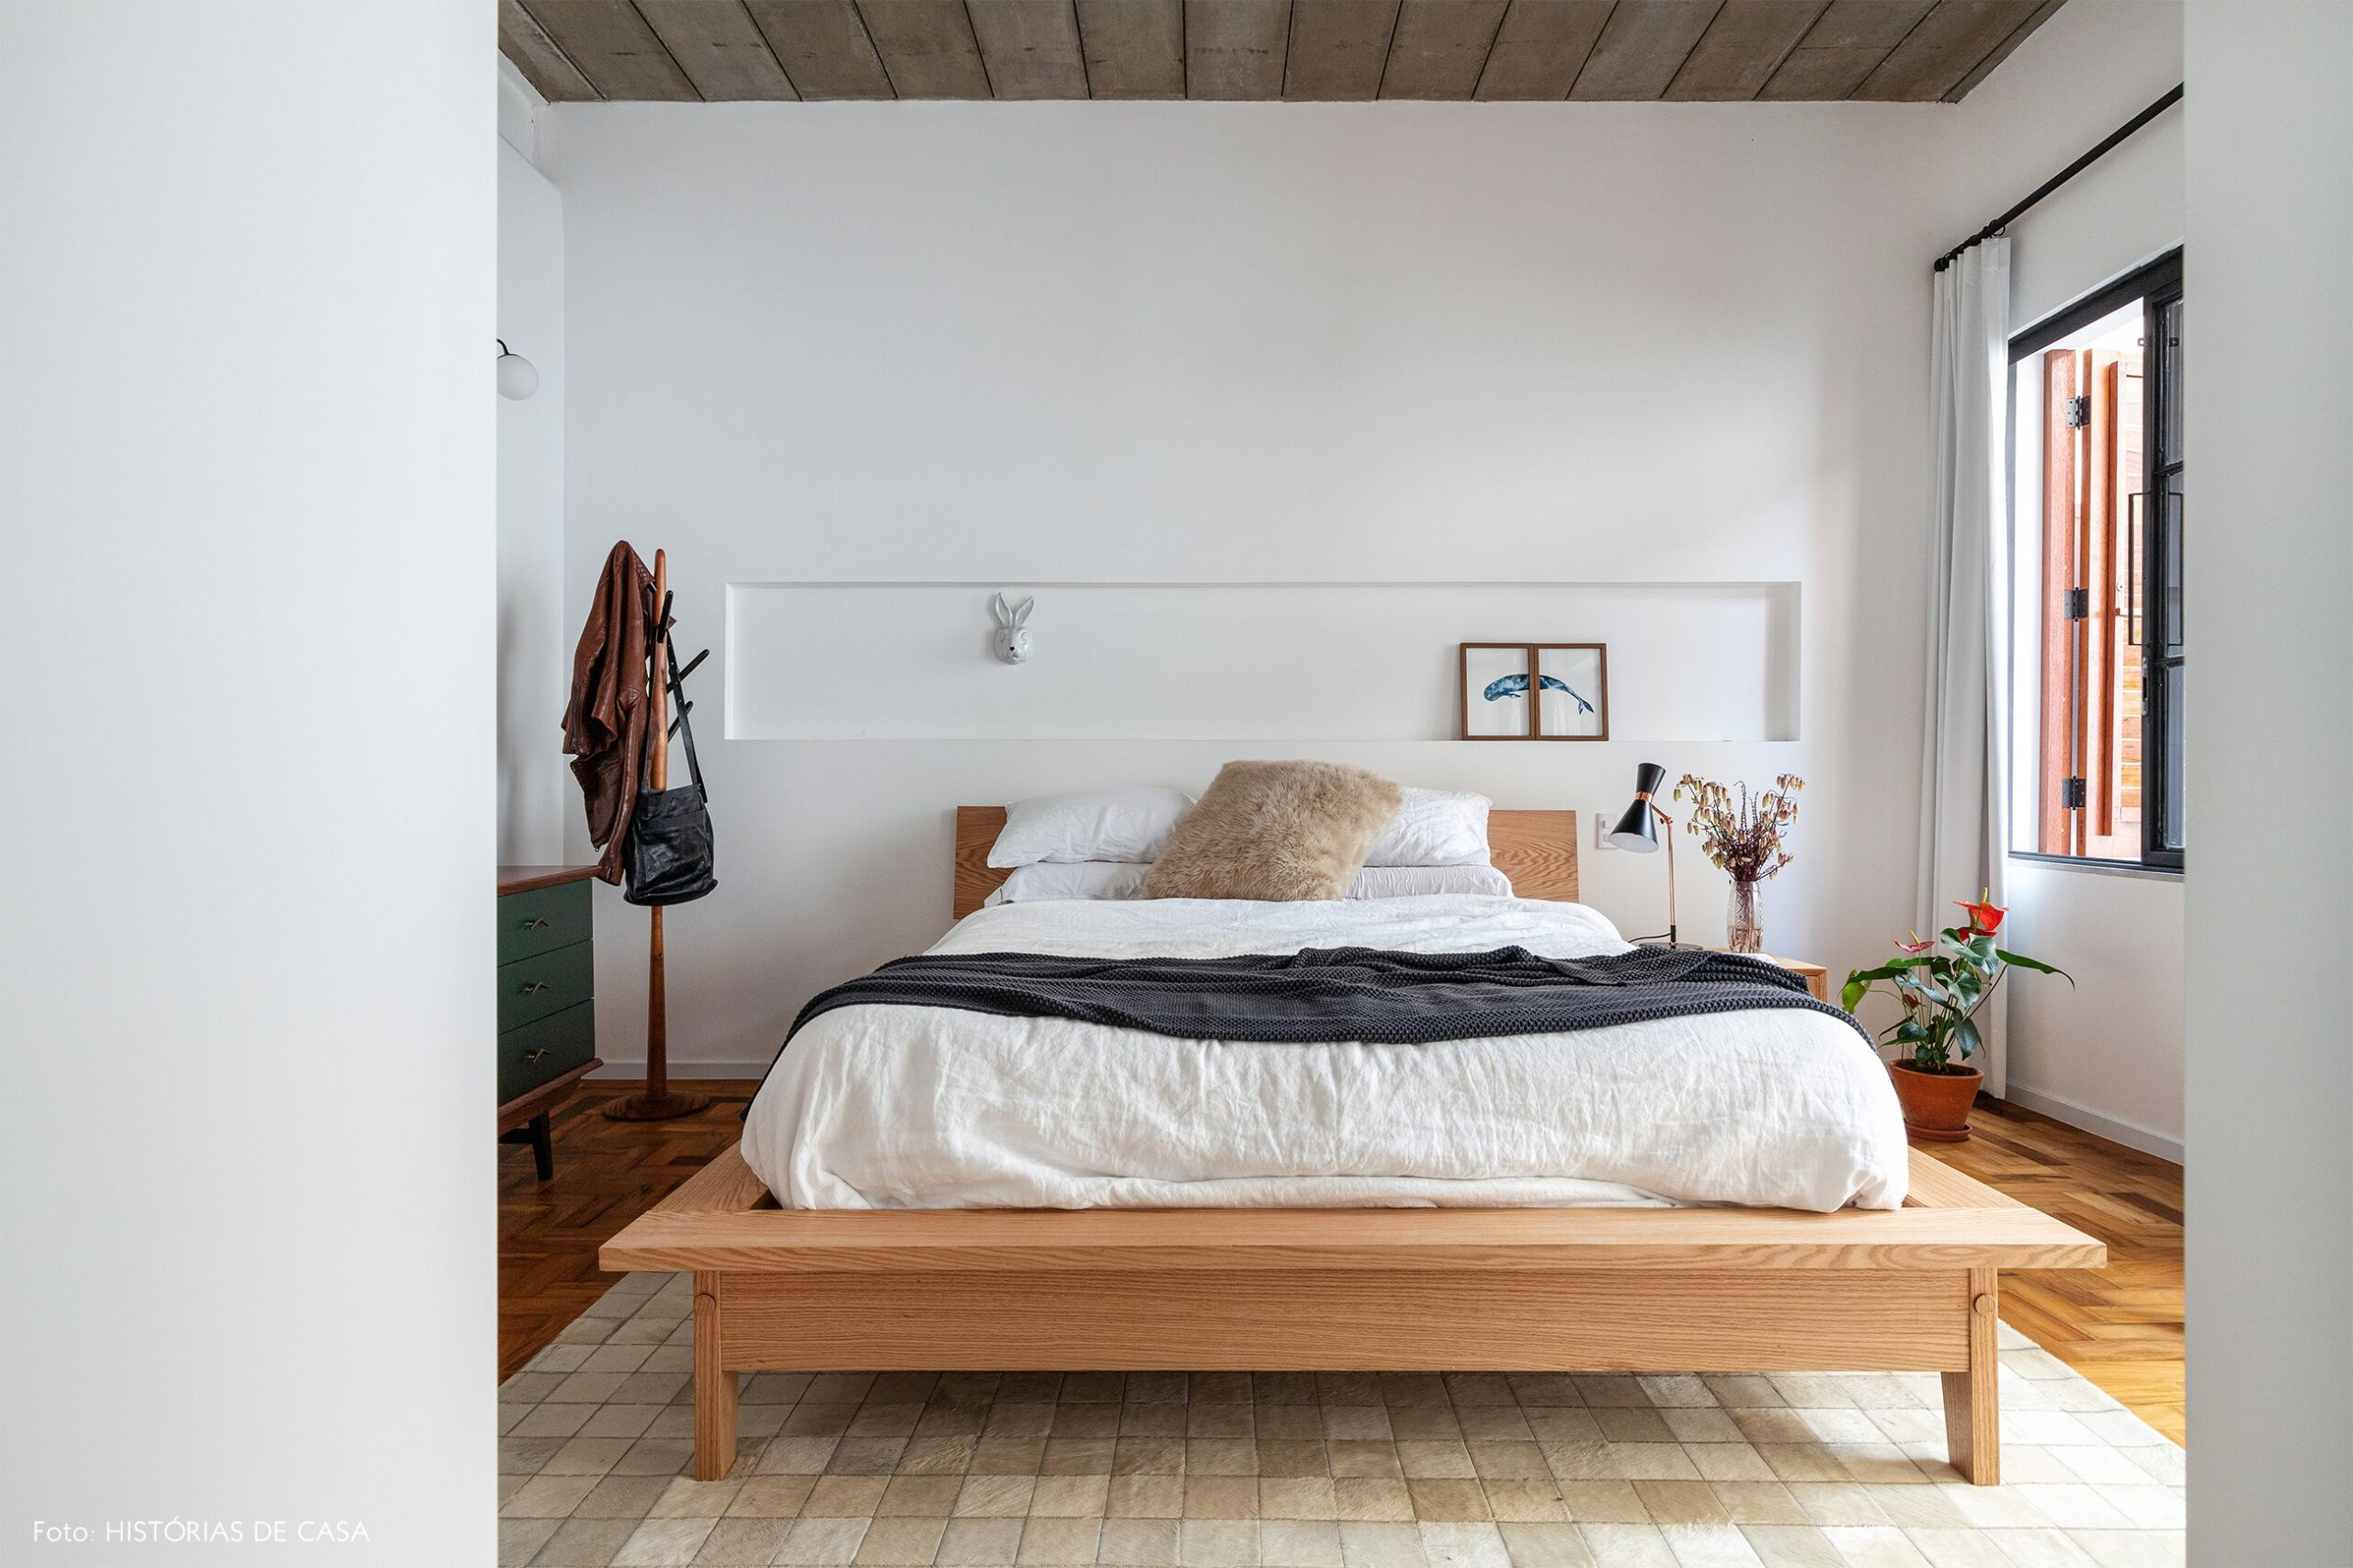 decoração quarto branco mesa cabeceira madeira